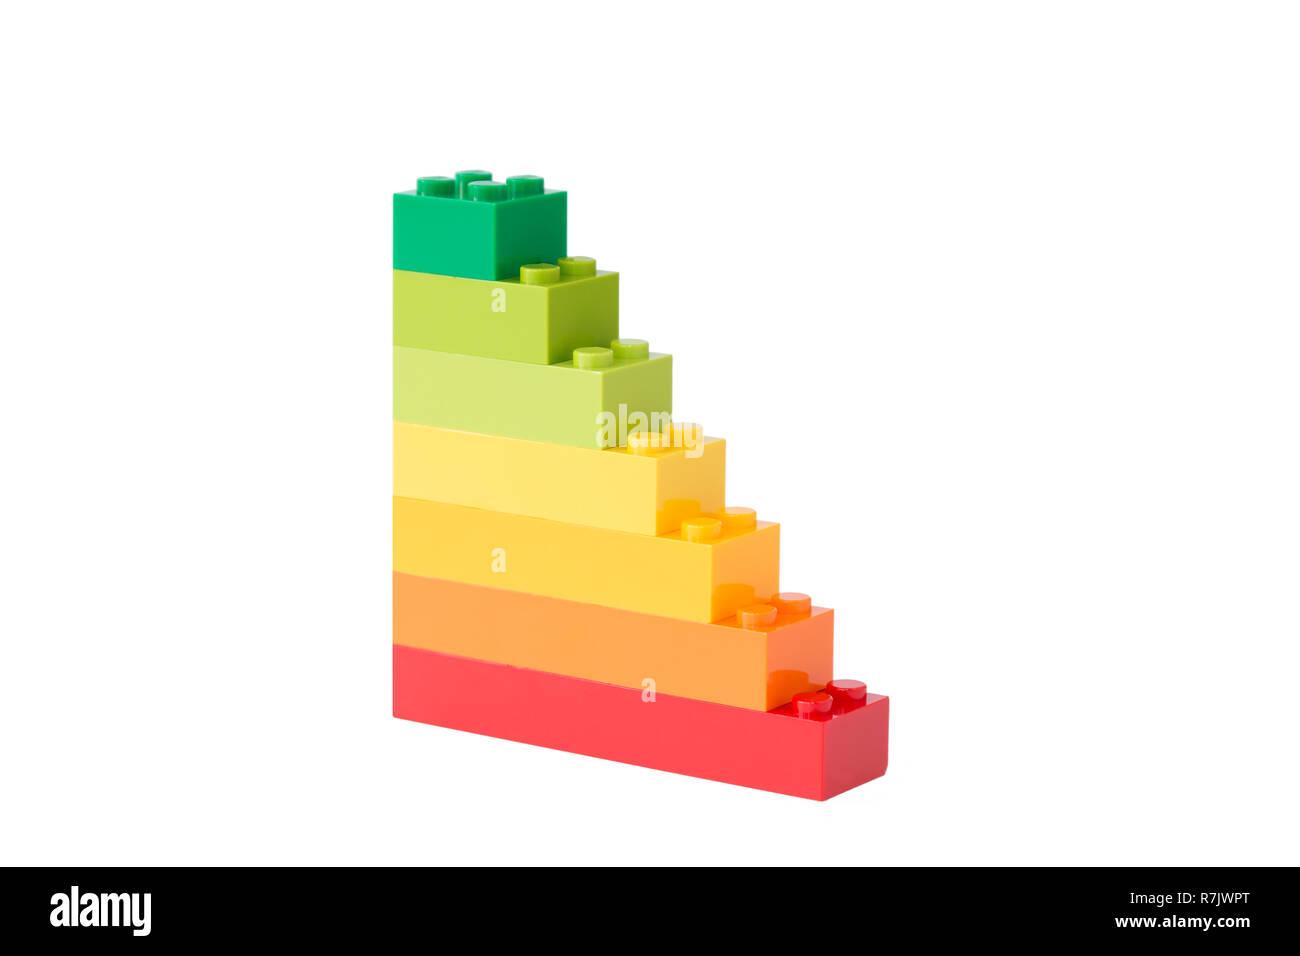 Leer Europäische Union Energieeffizienz Label aus Spielzeug Bauklötze, Seitenansicht, auf weißem Hintergrund. Stockbild